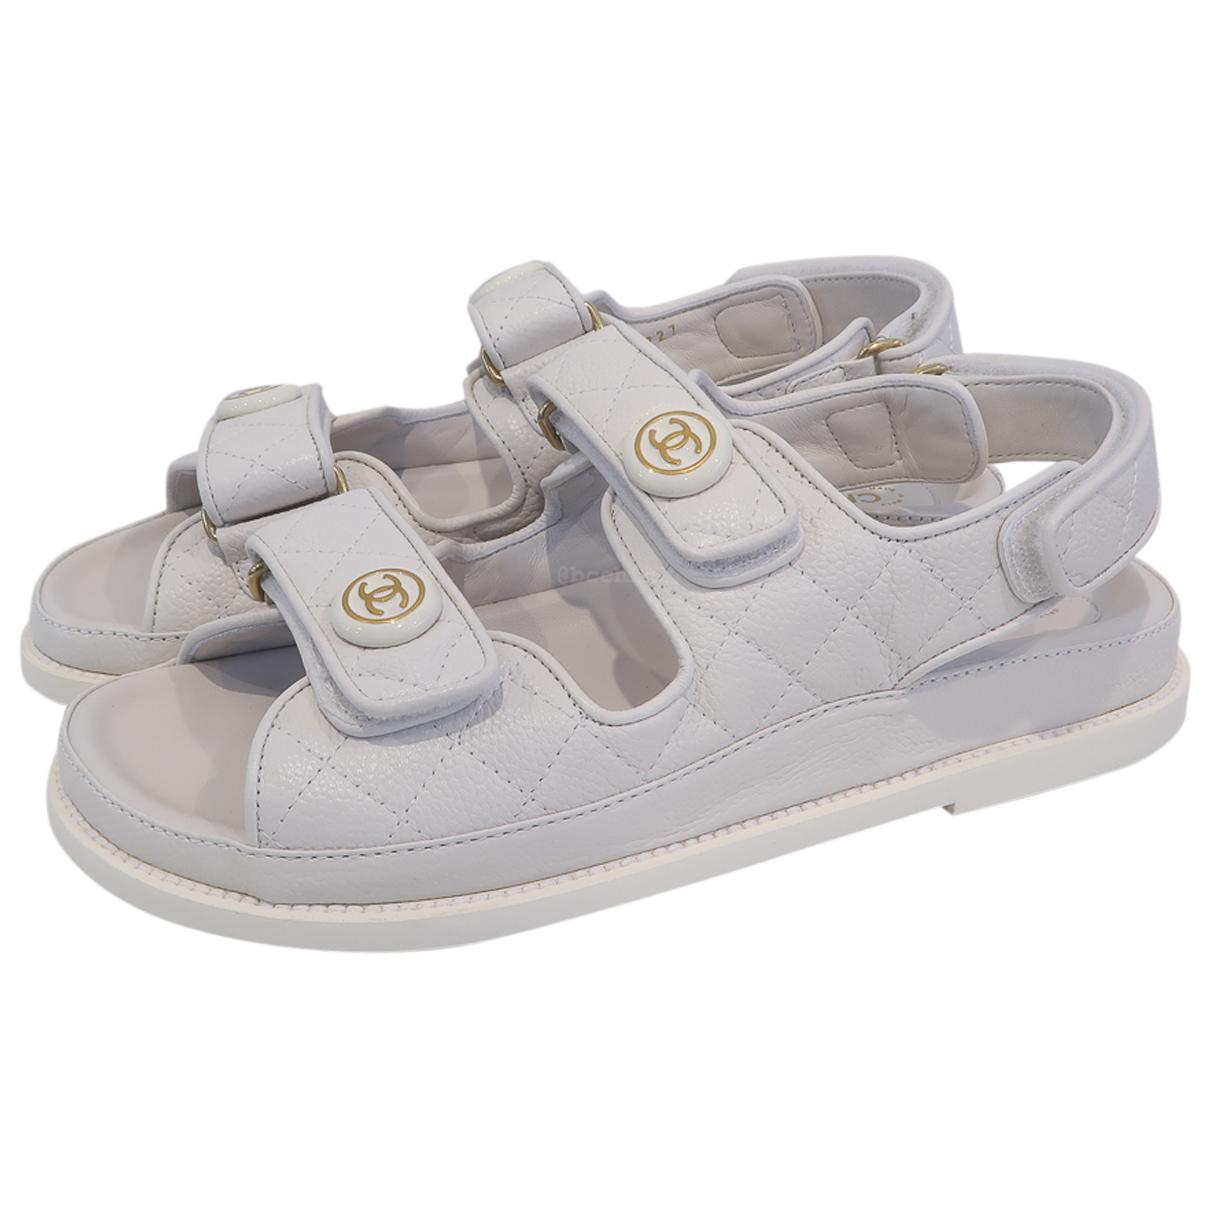 Sandalias Dad Sandals de Cuero Chanel